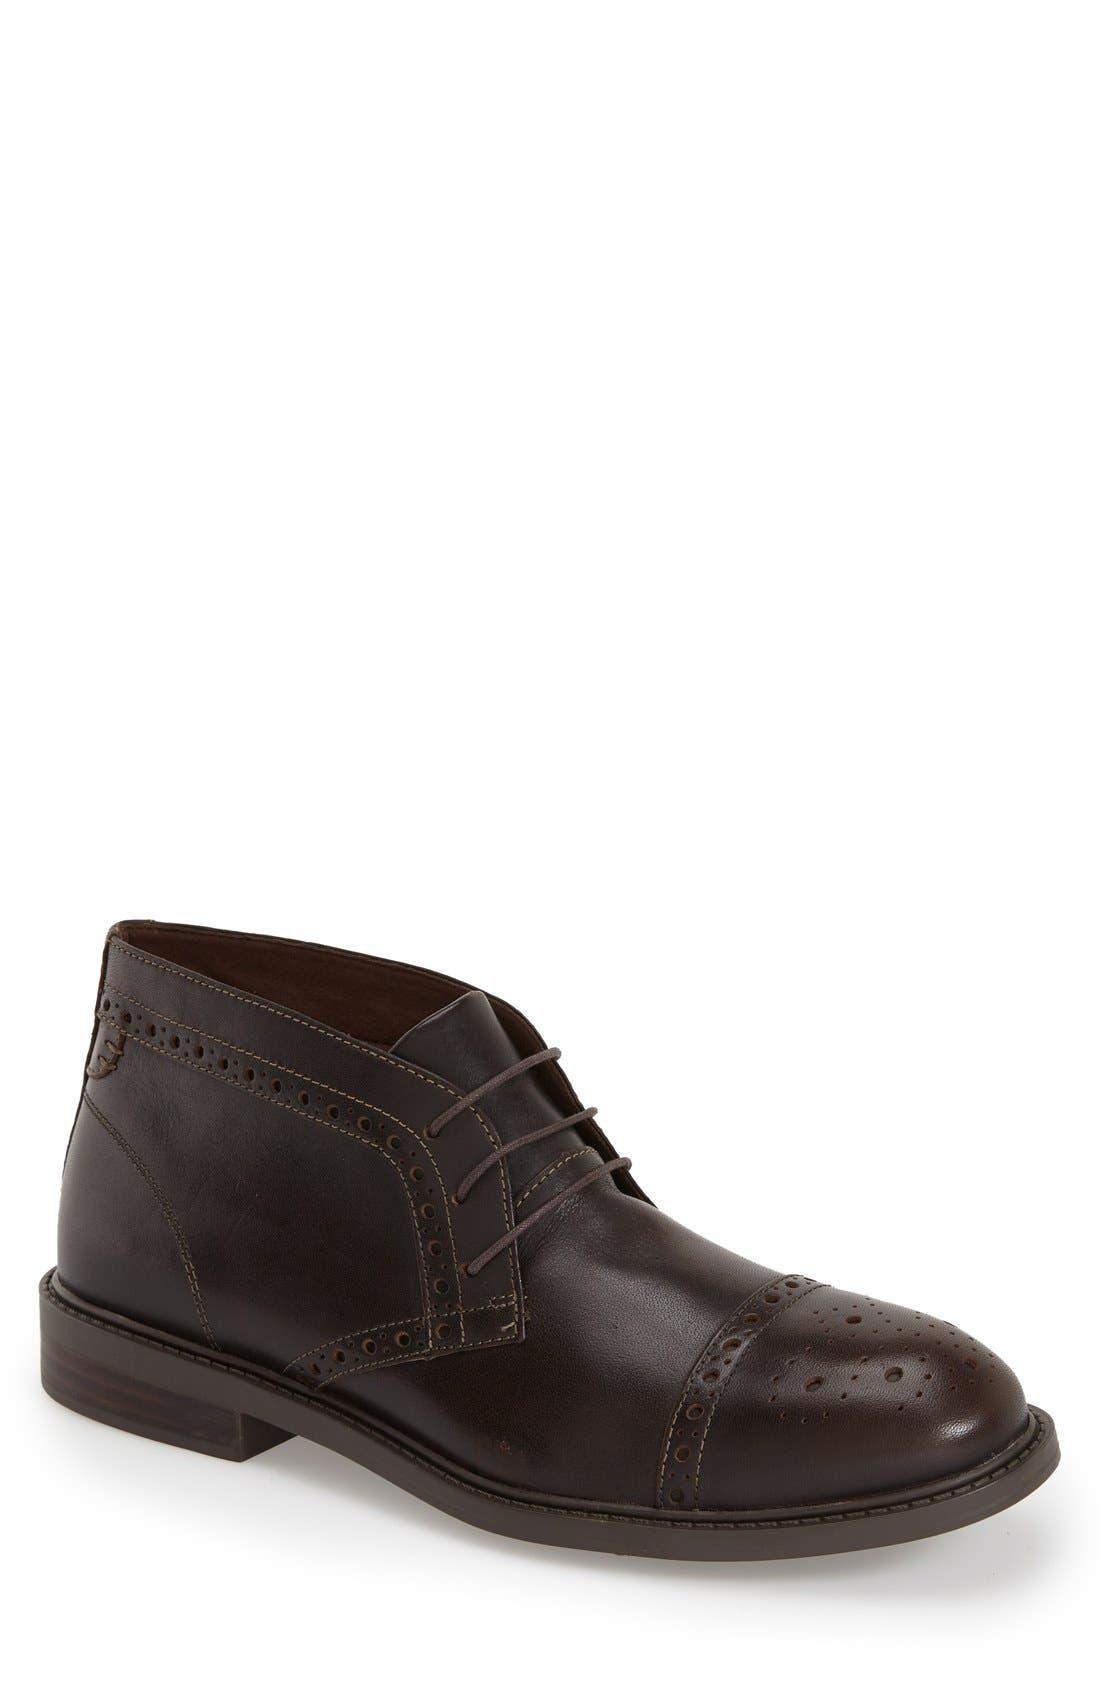 'Gavin' Chukka Boot,                         Main,                         color, Brown